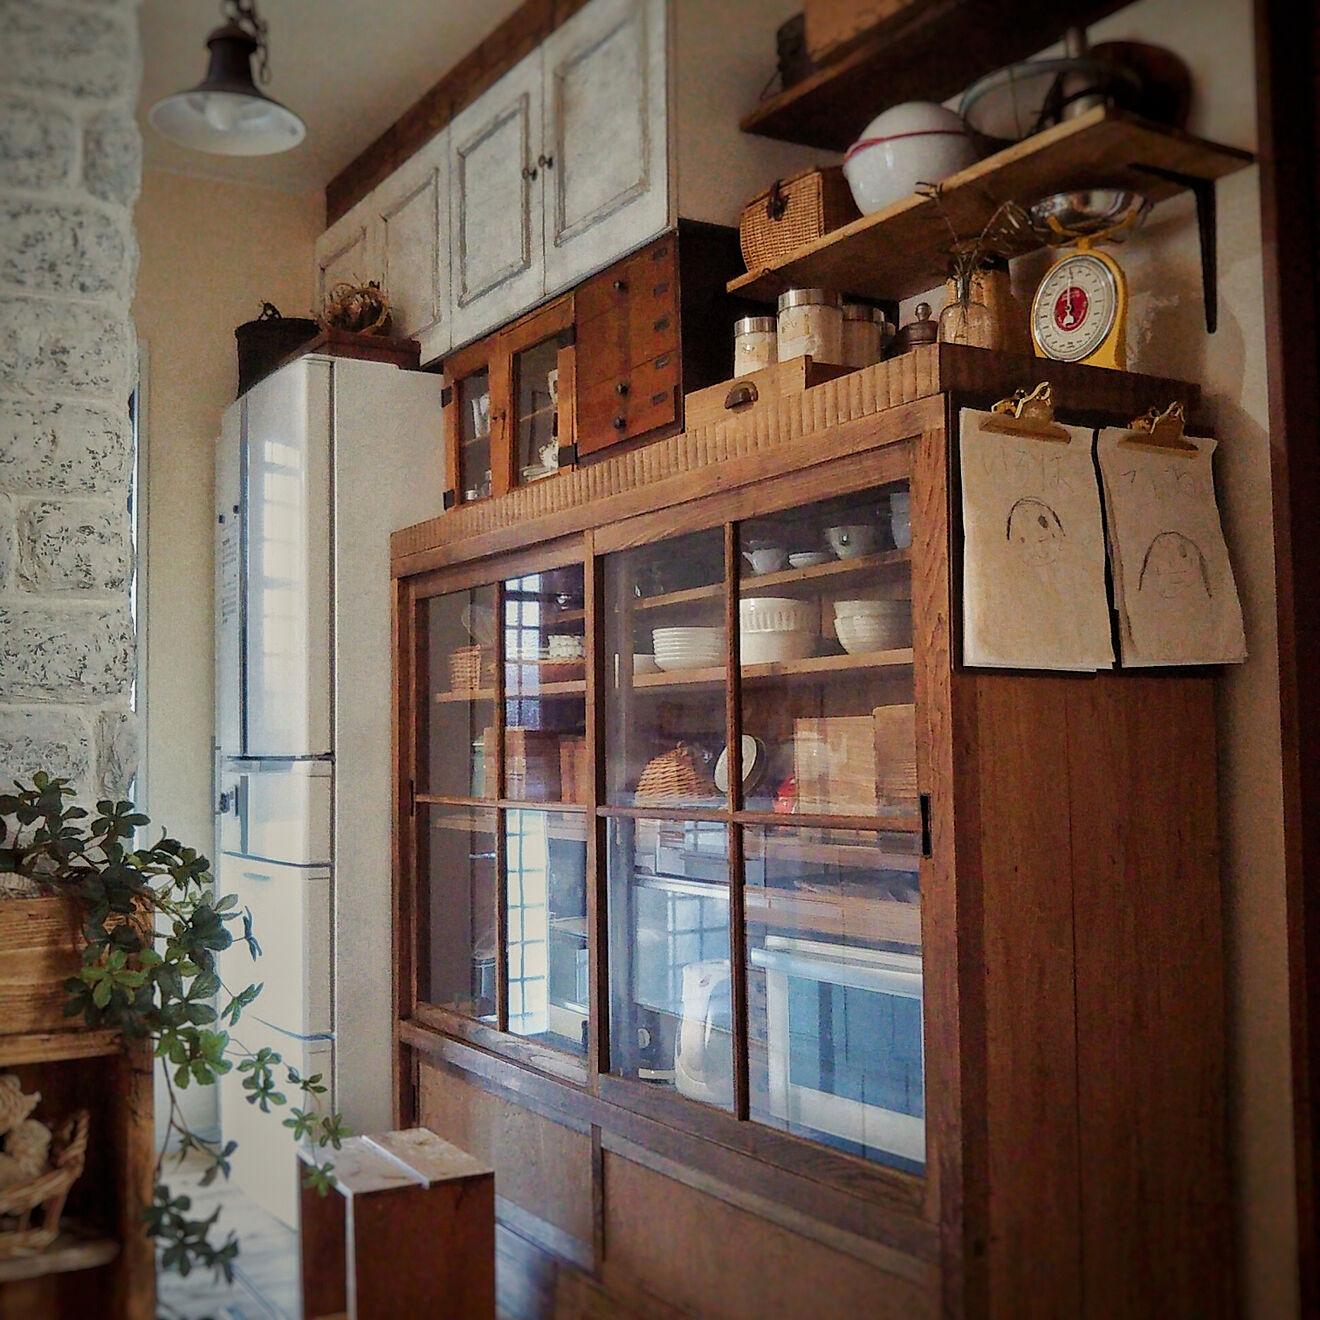 「水屋箪笥が主役!愛着がどんどん沸く、昭和レトロな台所」 by petitesplumesさん